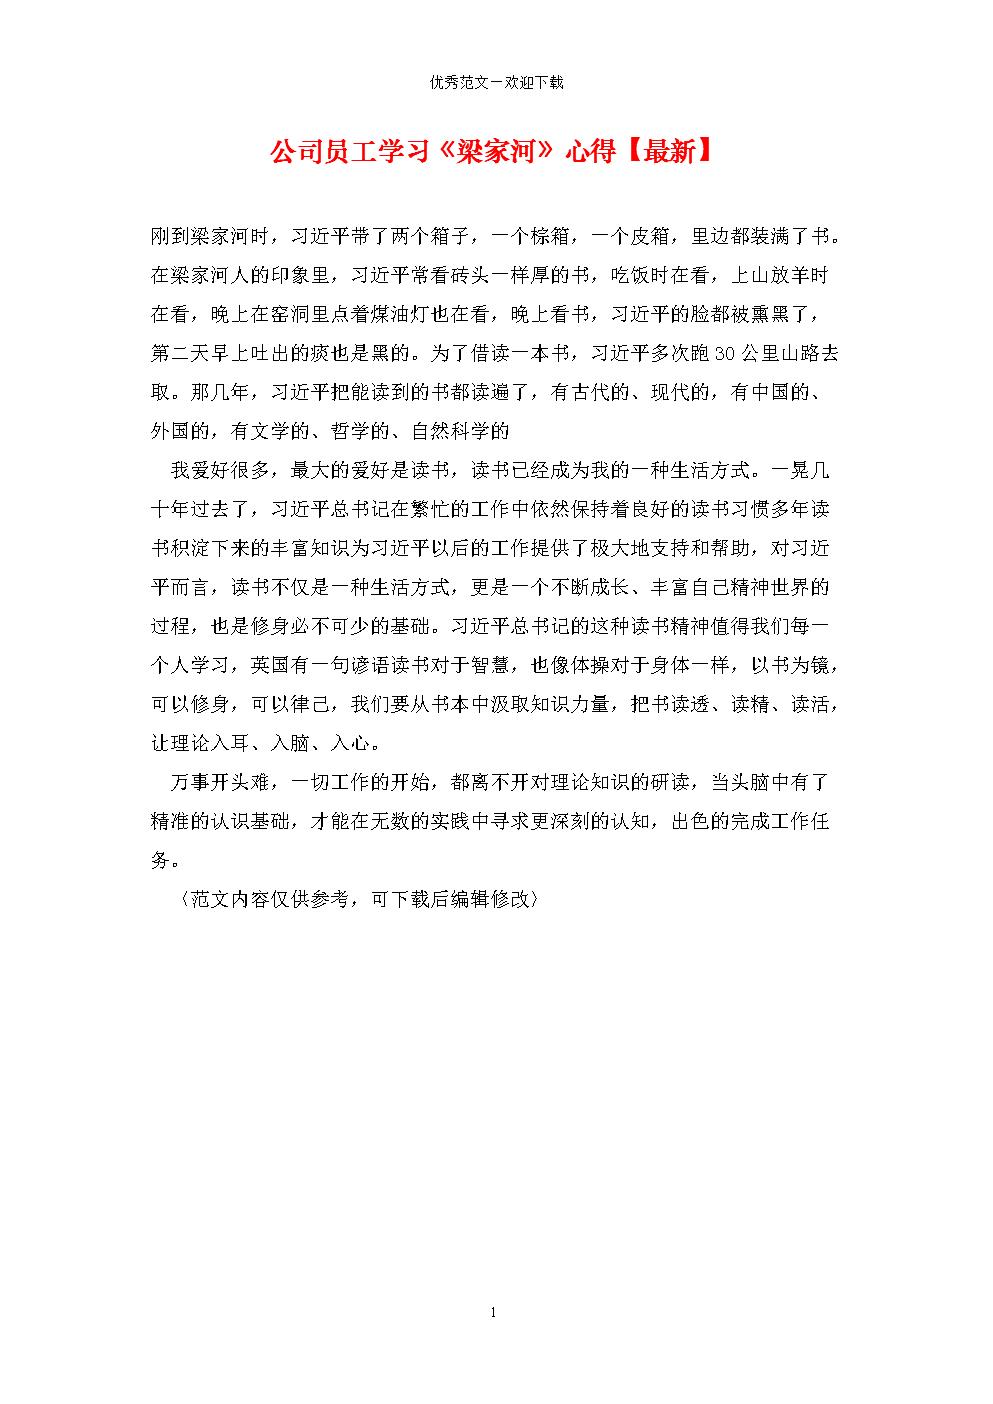 公司员工学习《梁家河》心得【最新】.doc